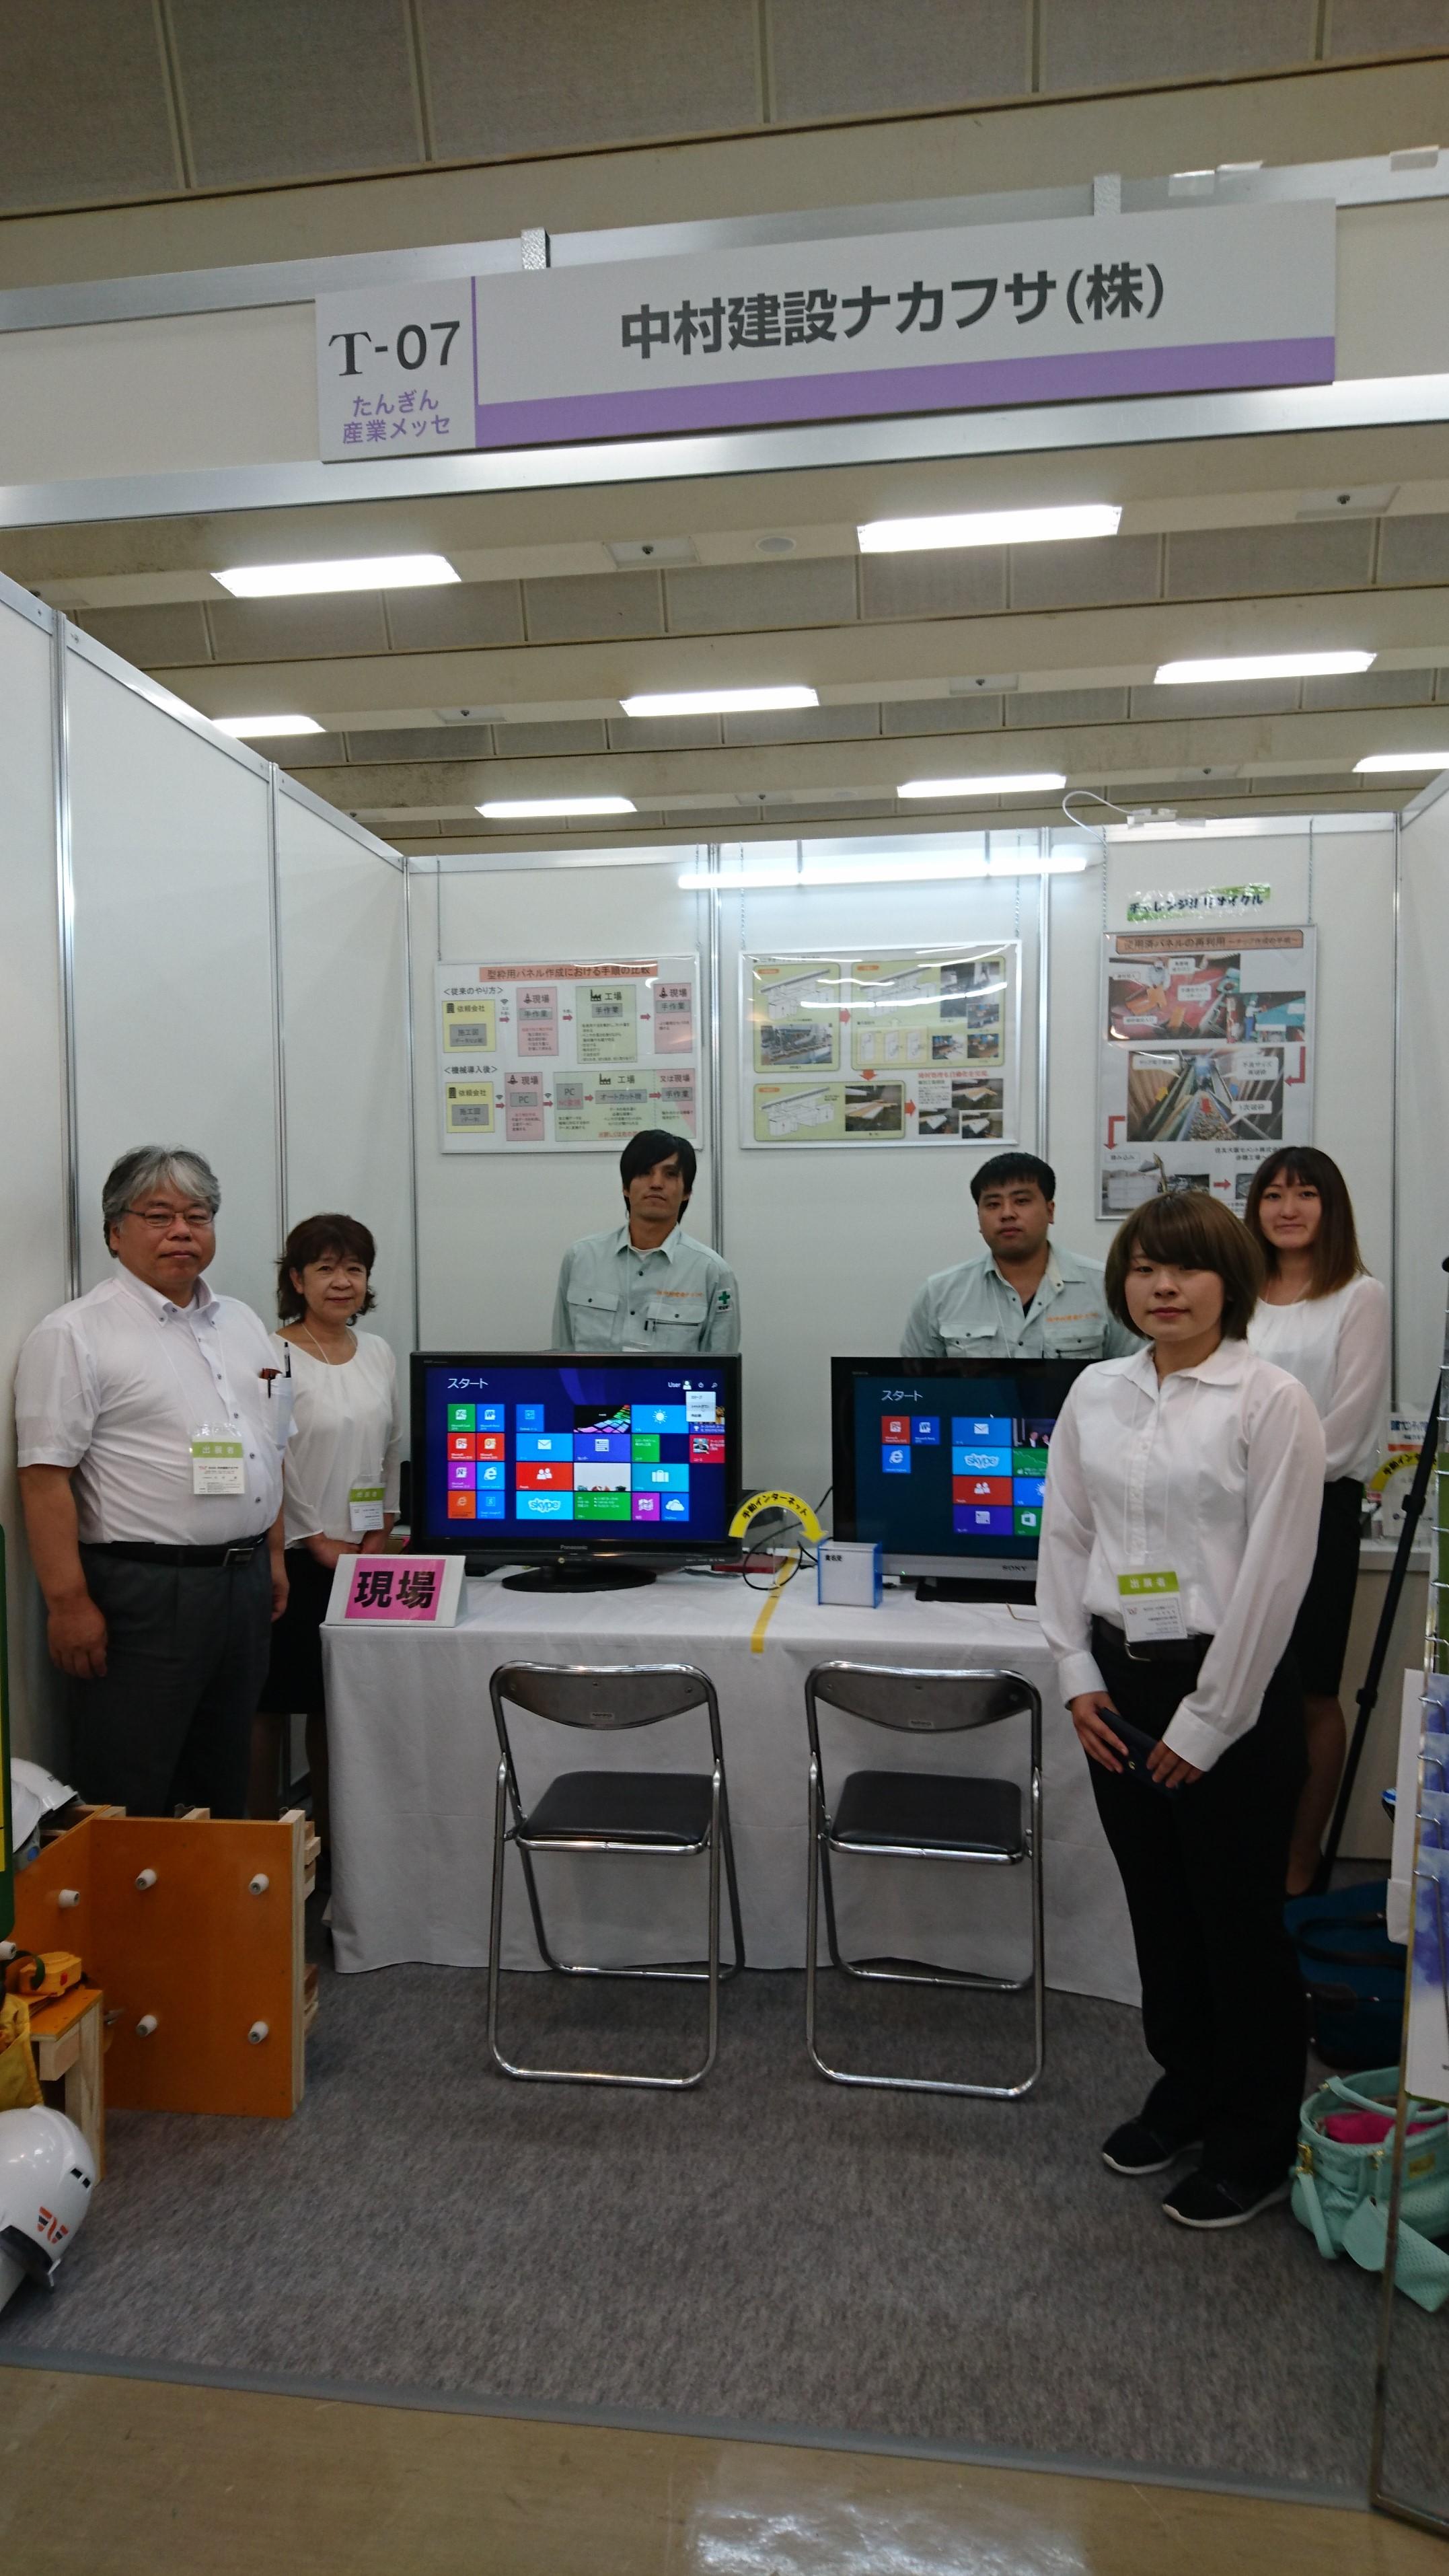 http://www.nk-nakafusa.co.jp/DSC_4722kopi.jpg